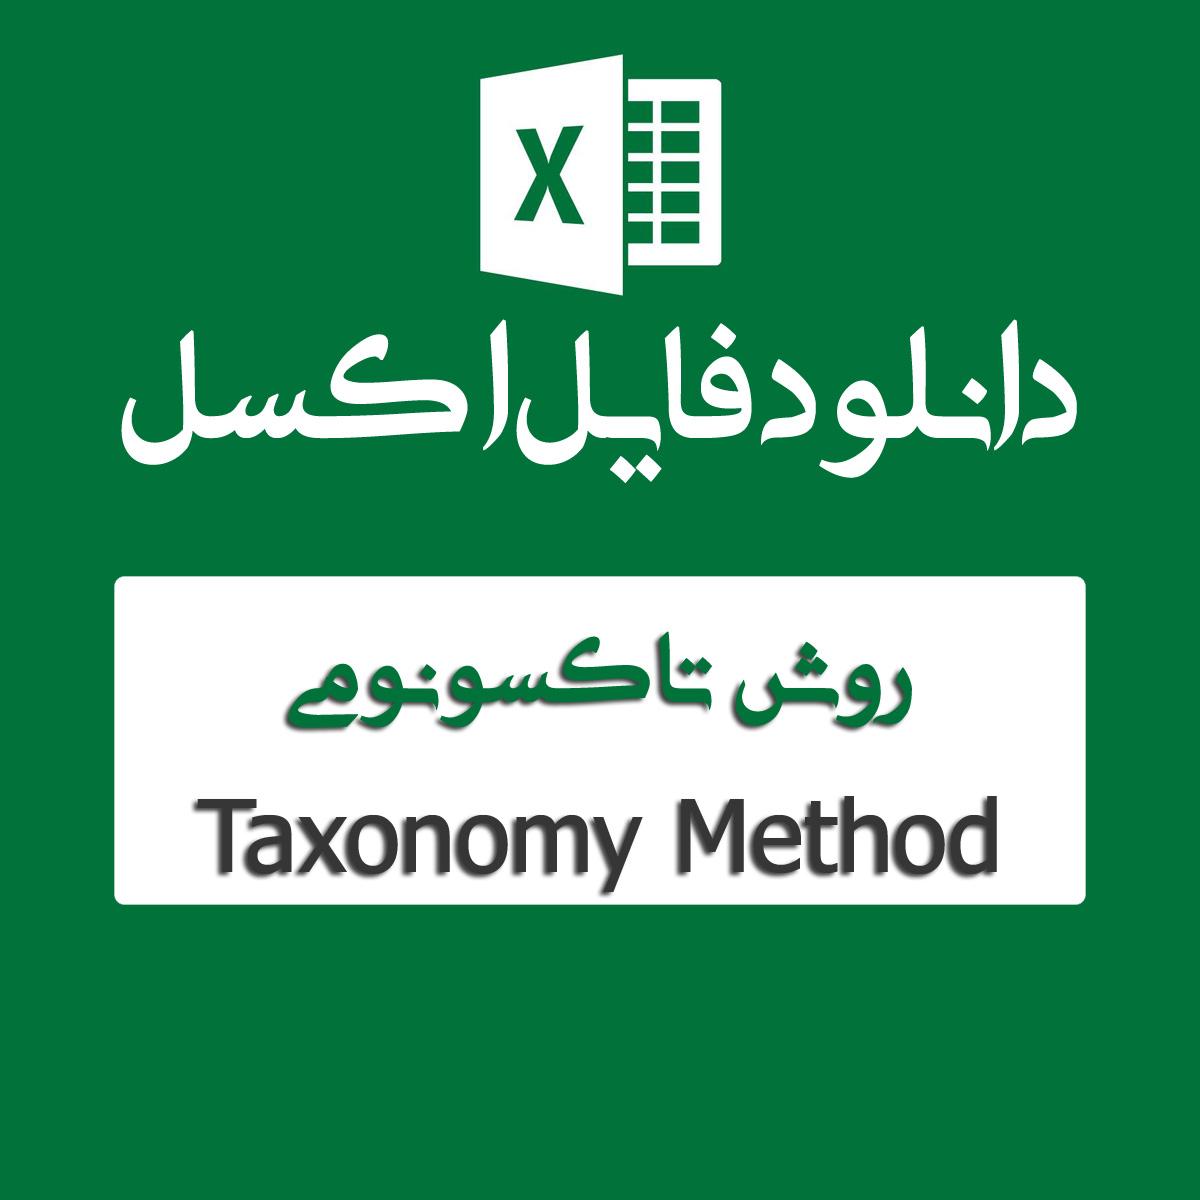 اکسل روش Taxonomy